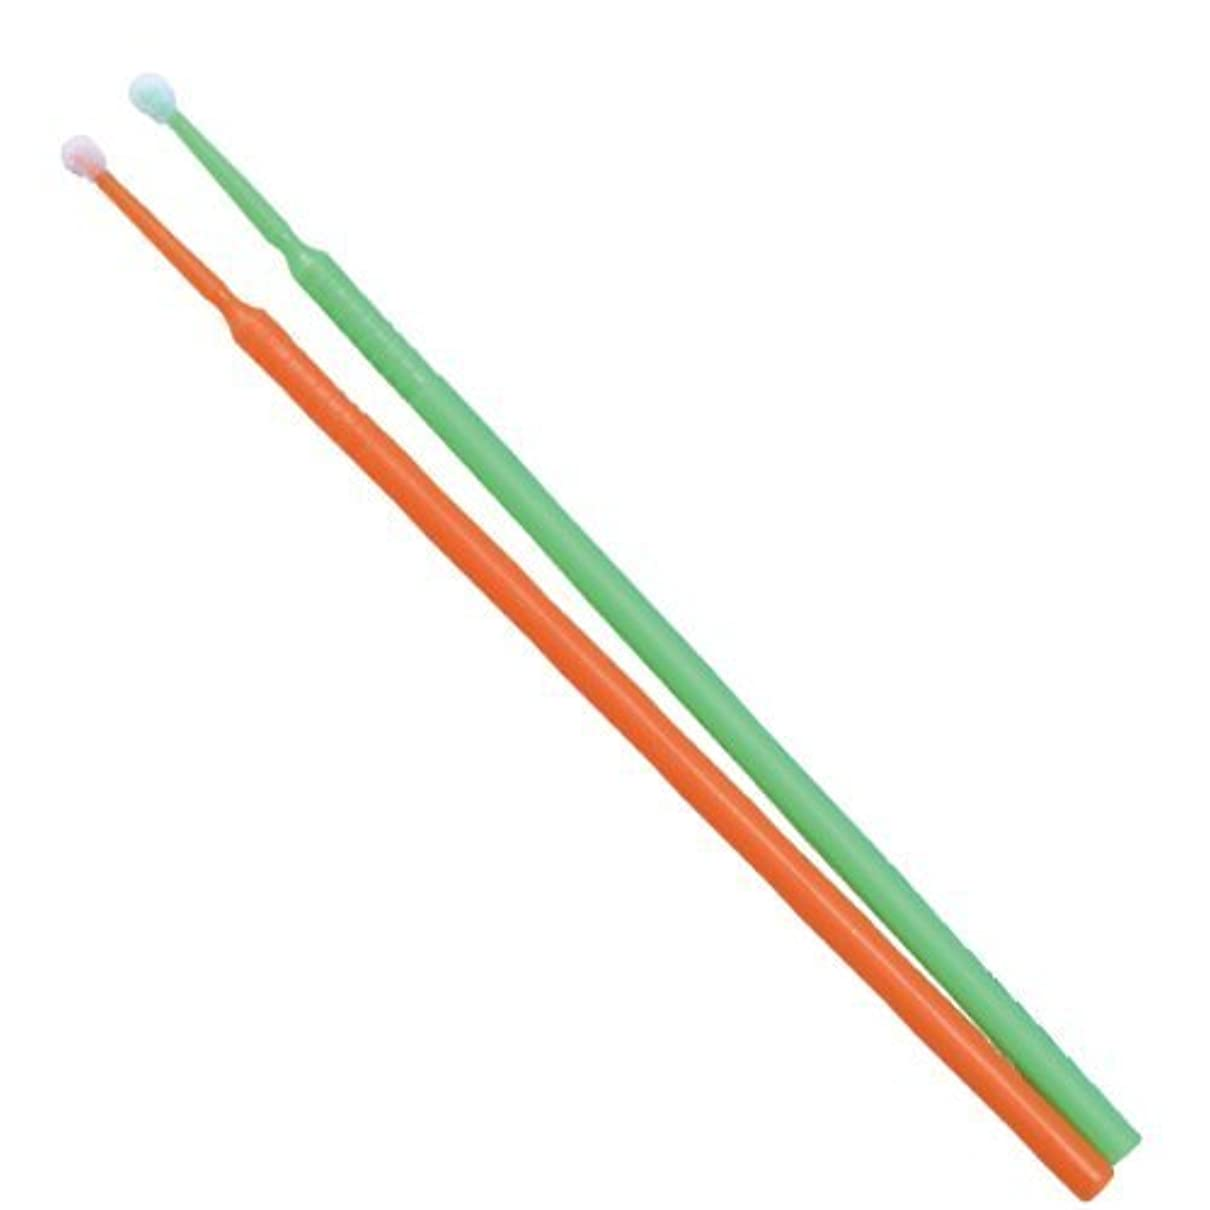 ラジウムひどく誠意TPCアプリケーターブラシ(マイクロブラシ)レギュラーφ2.0mm 100本入り(カラー:グリーンorオレンジ)